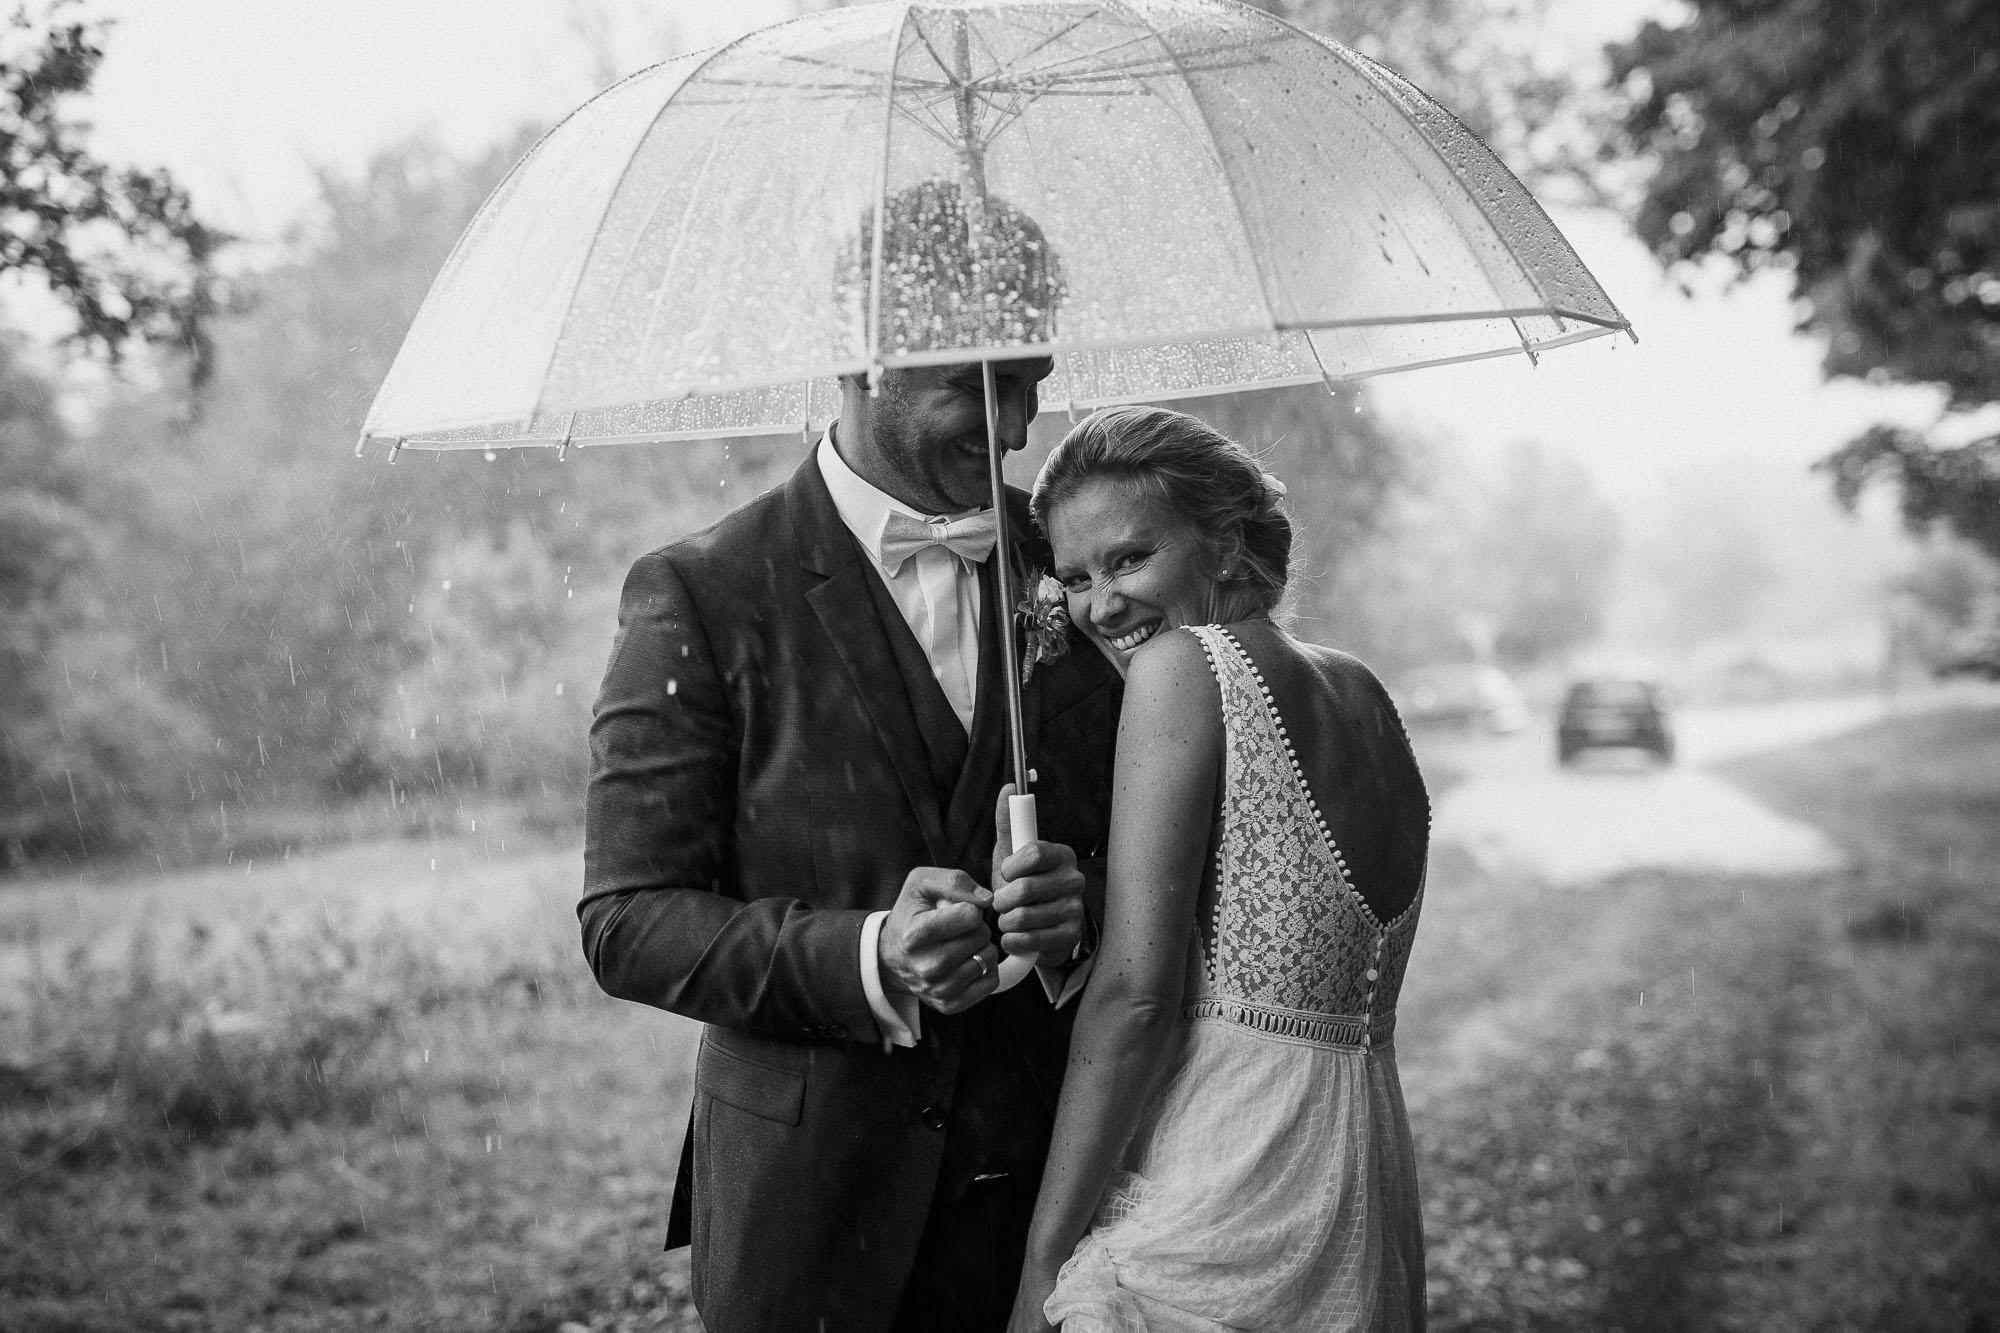 Emotionales Brautpaarshootng im Regen. Authentische Hochzeitsreportage in Rheinland-Pfalz. Raissa + Simon Fotografie